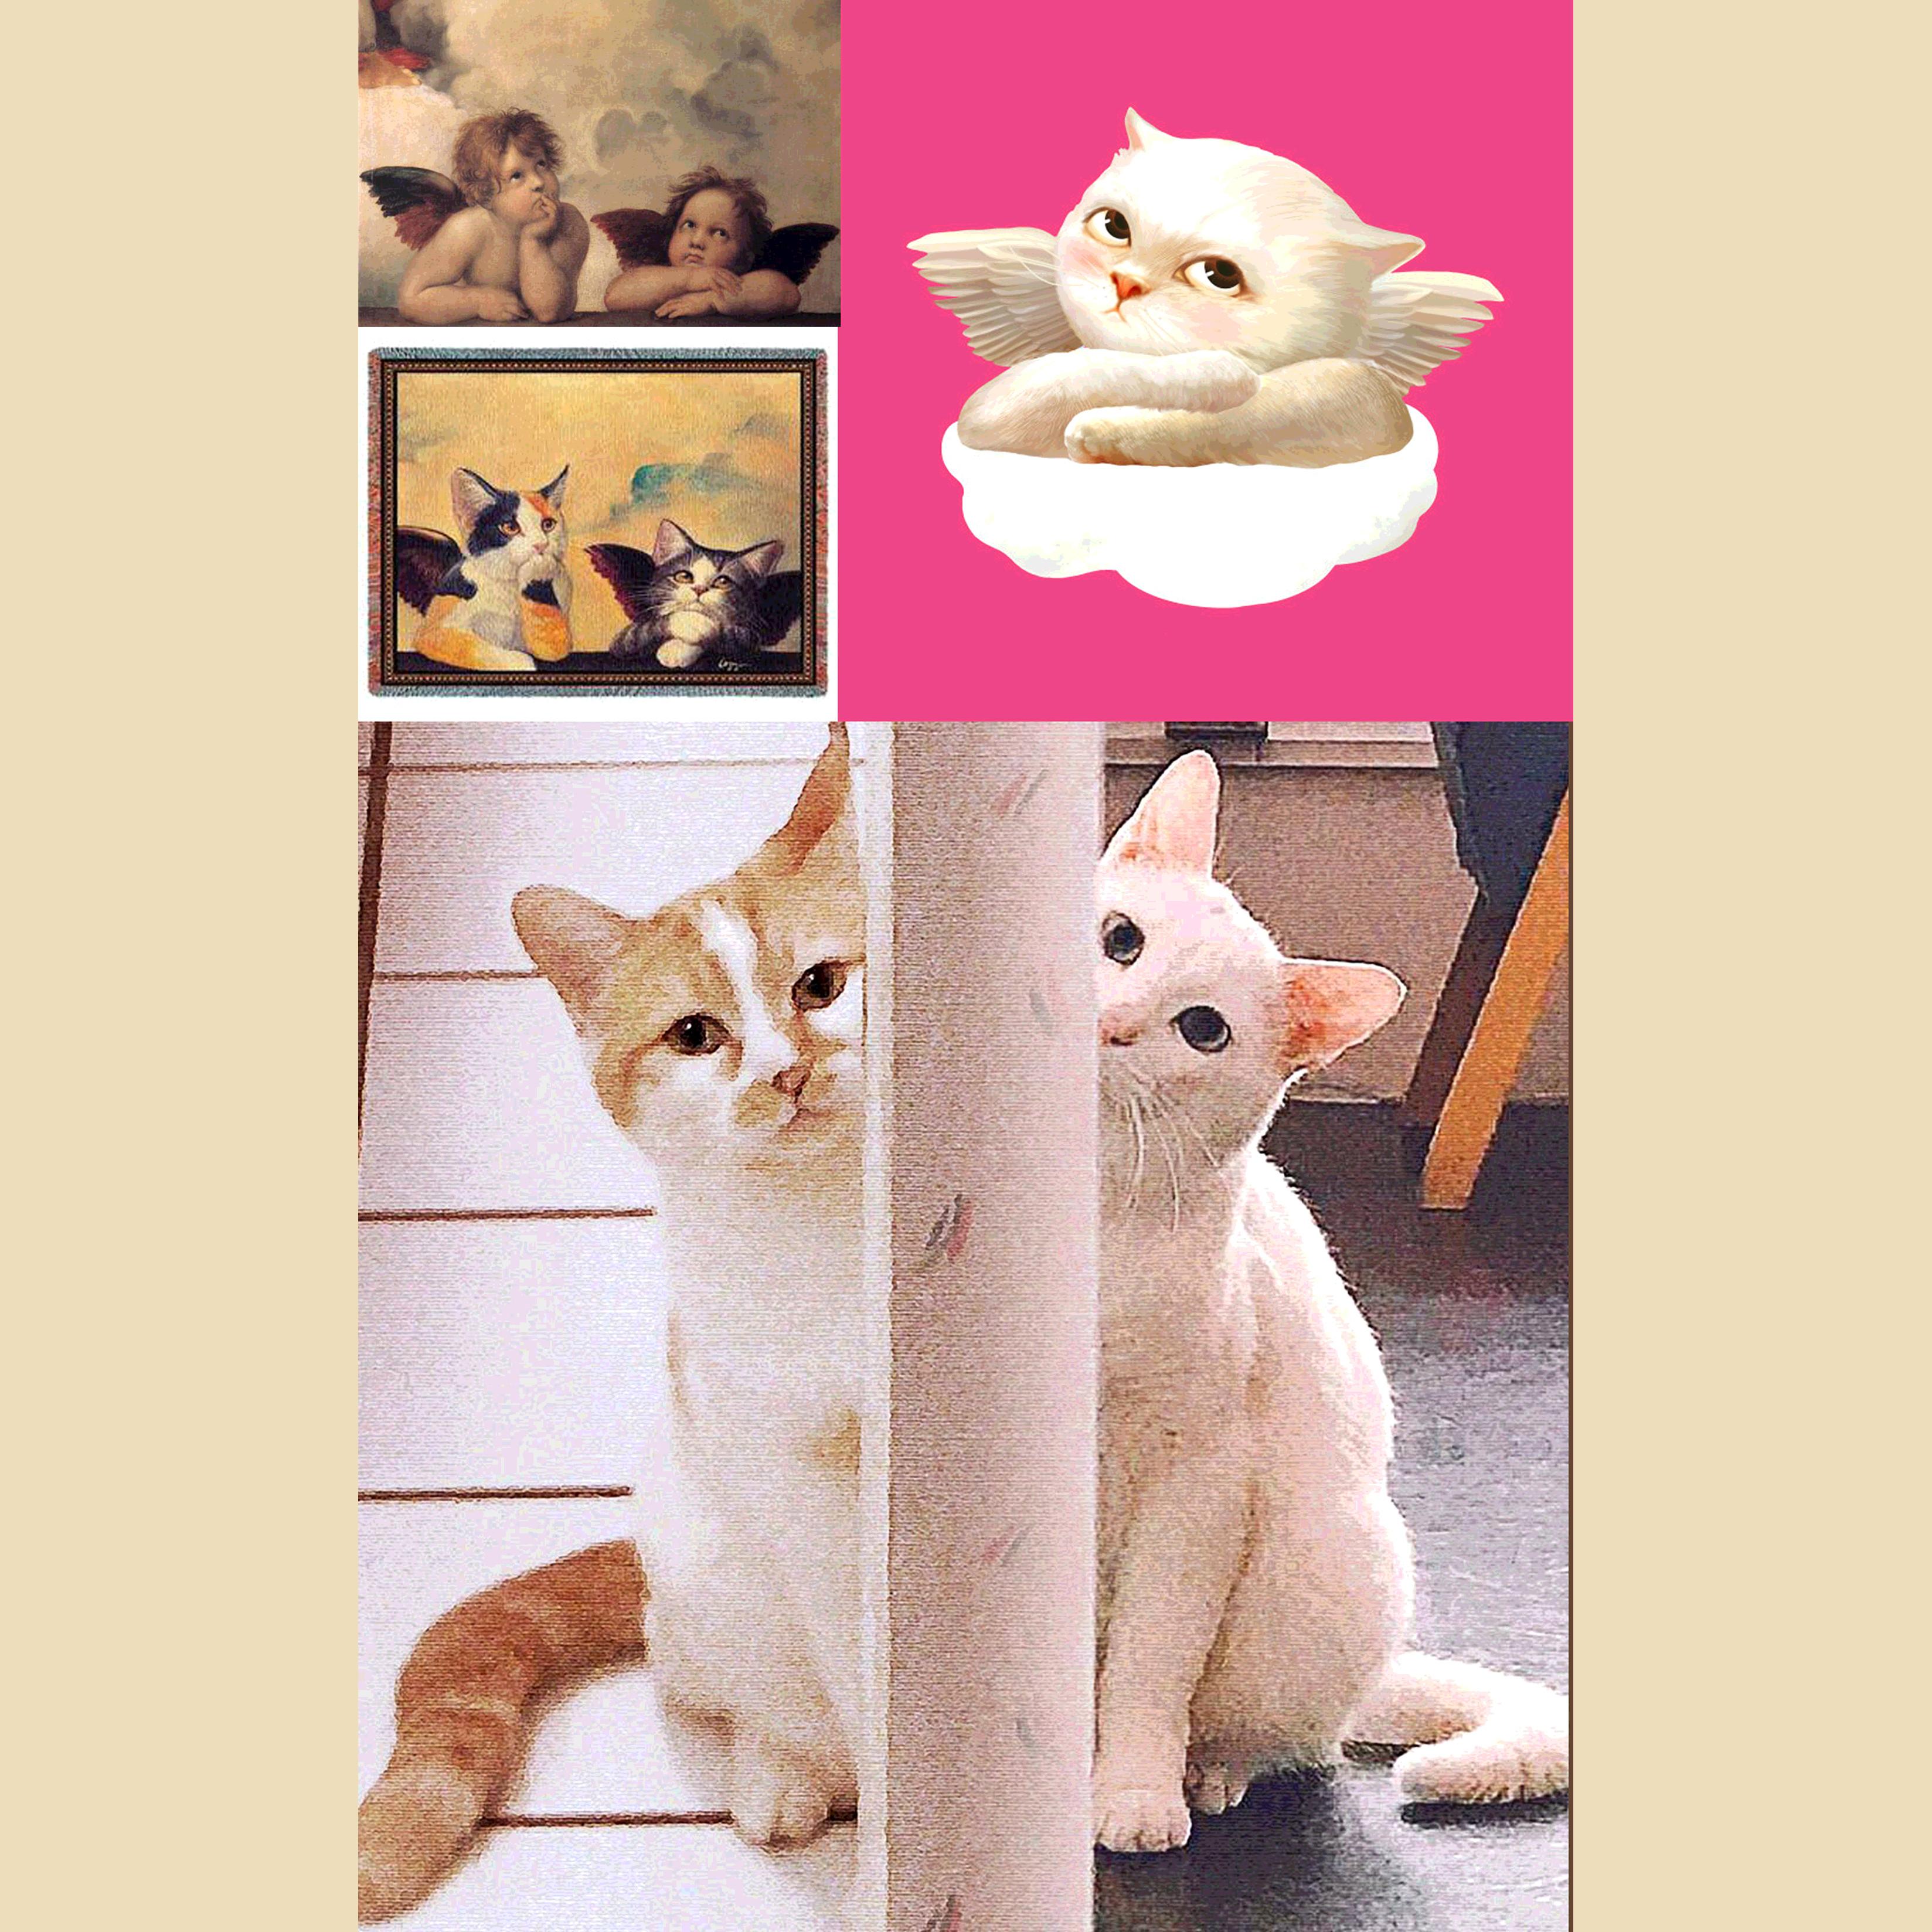 Cherub Cats 520 - REF